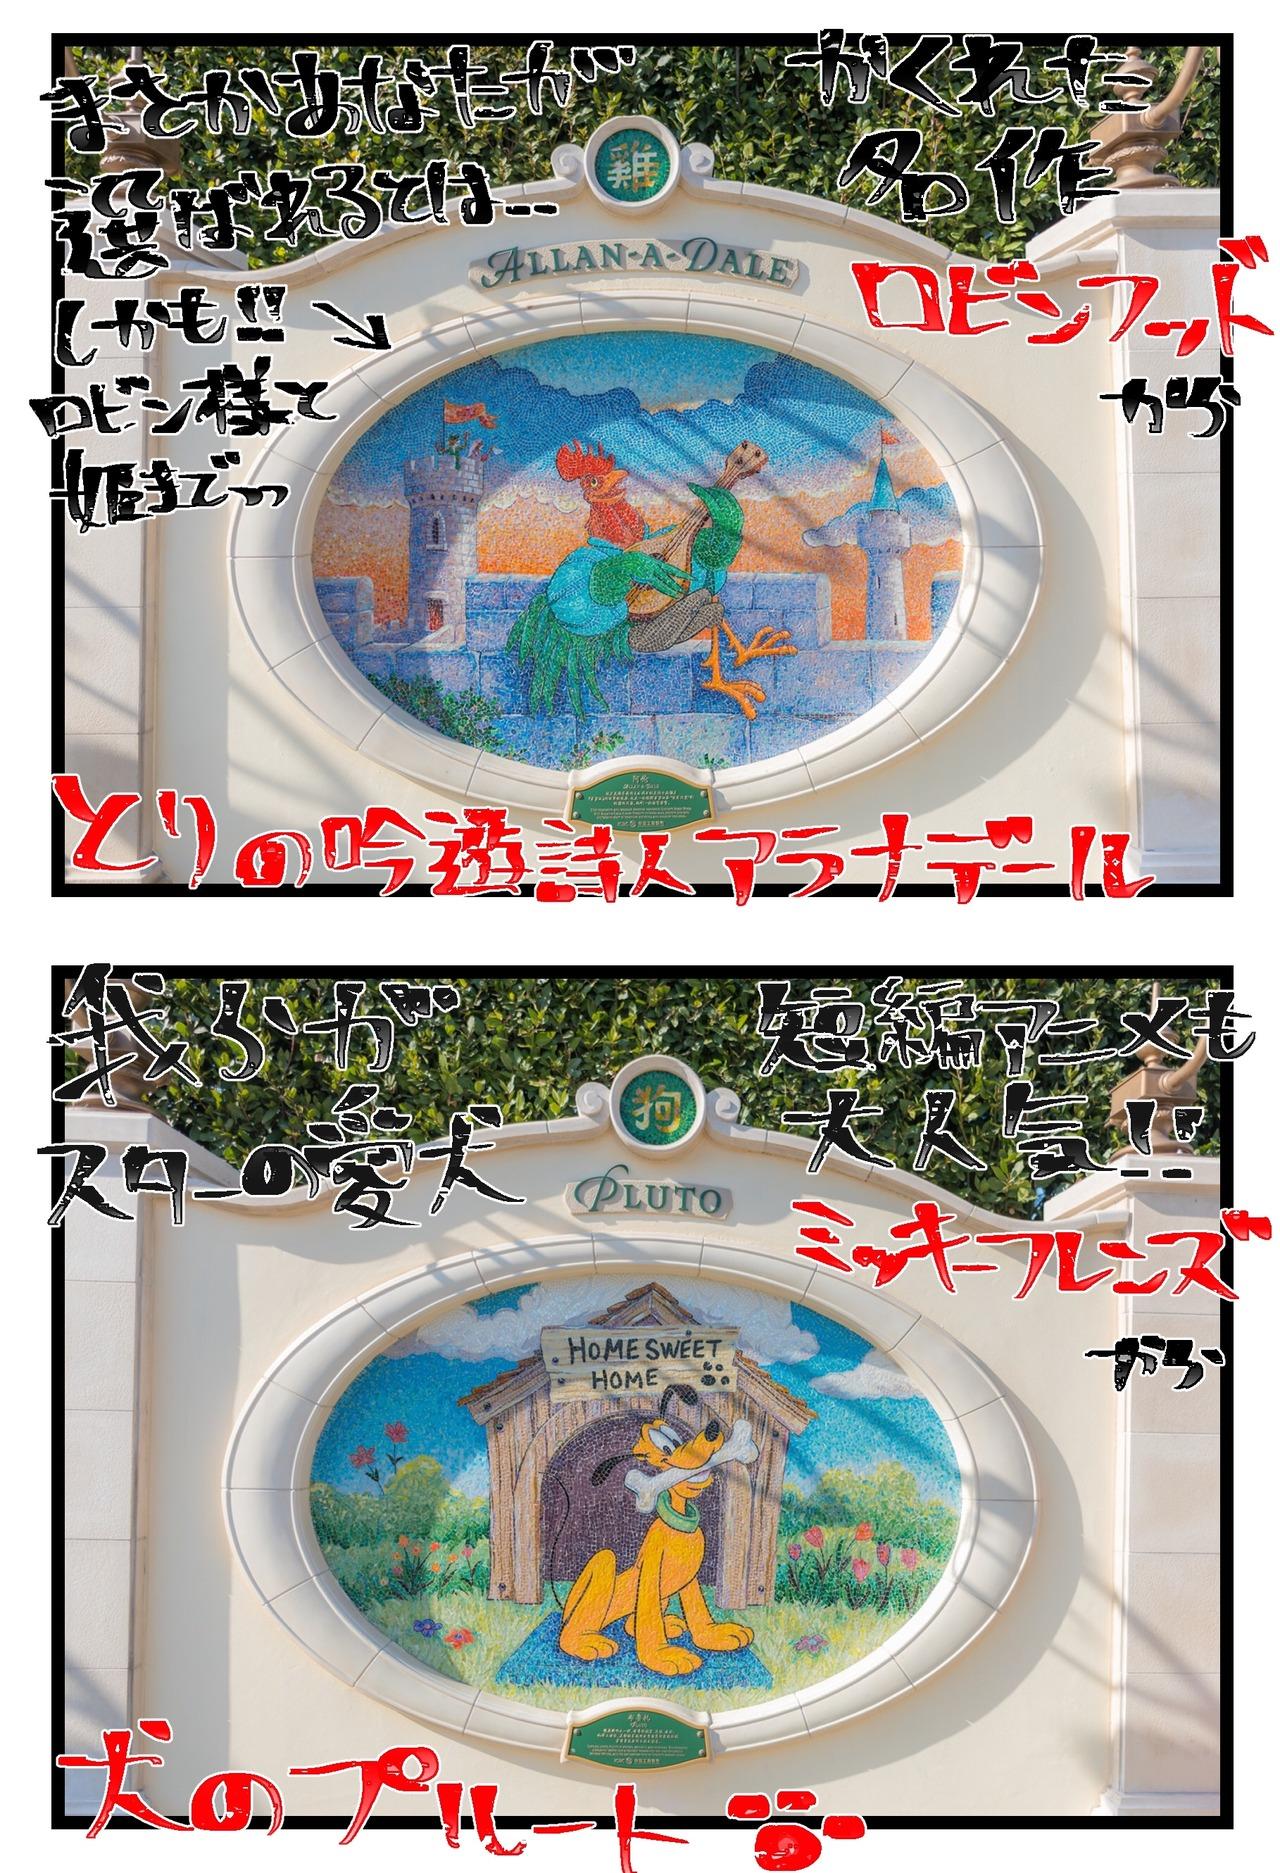 6E7E3C5B-2B56-4F60-8E7E-54970F3B9B61